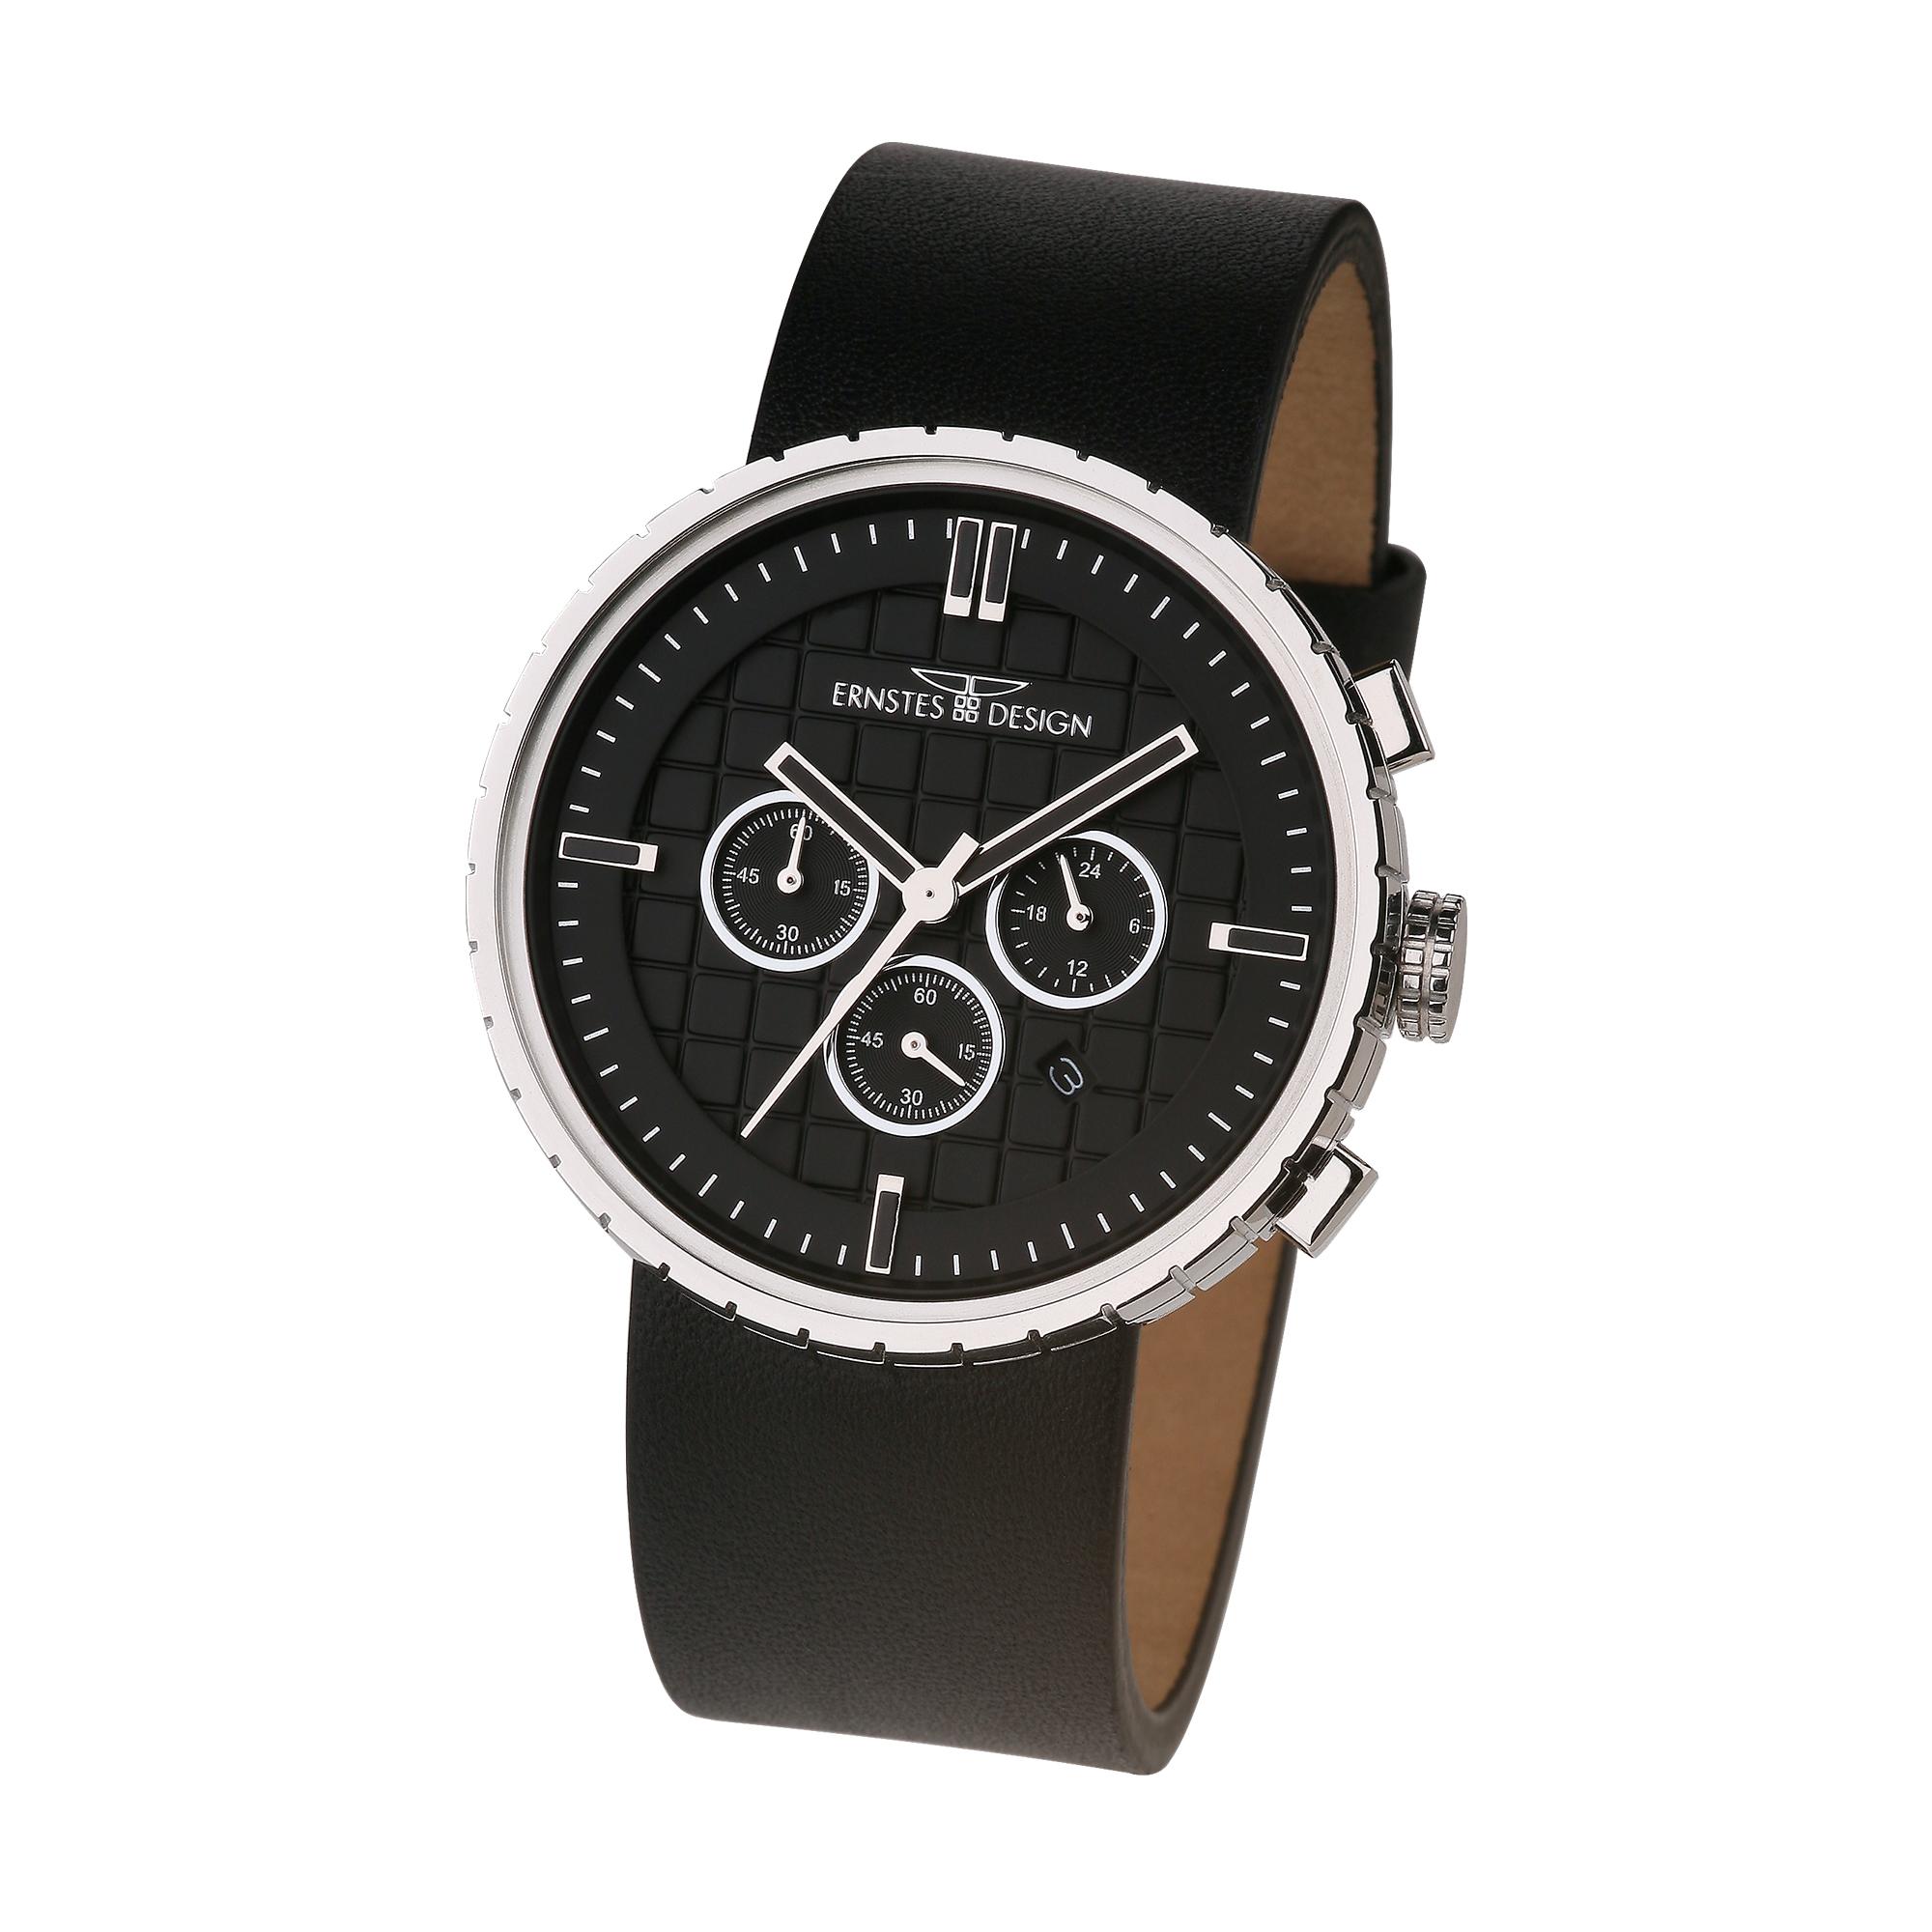 ernstes design herren armbanduhr chronograph edelstahl. Black Bedroom Furniture Sets. Home Design Ideas